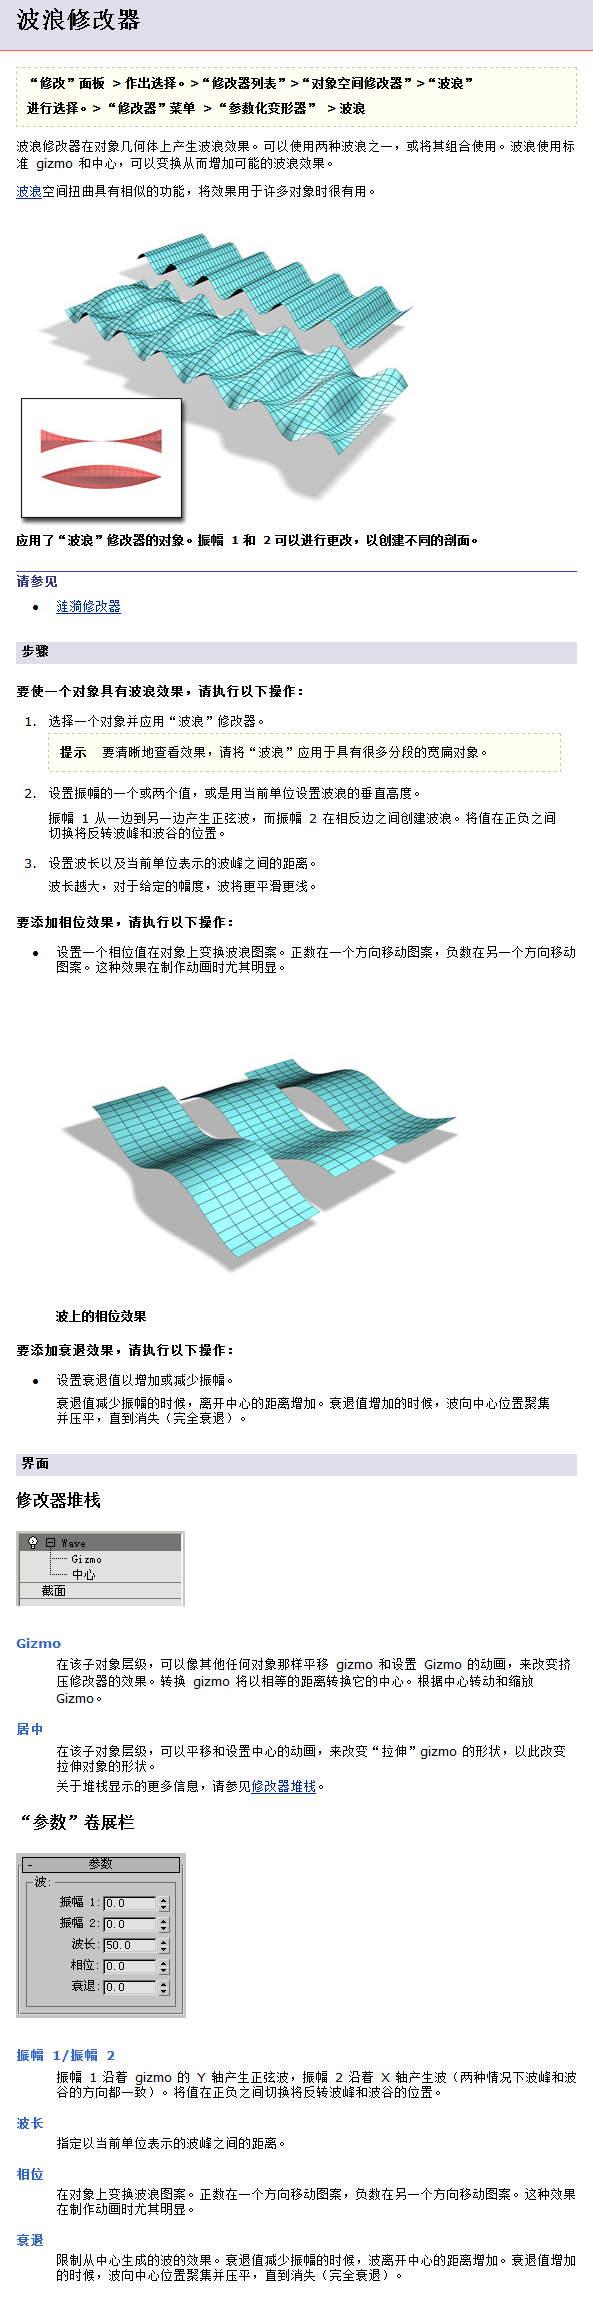 3d波浪修改器使用教程